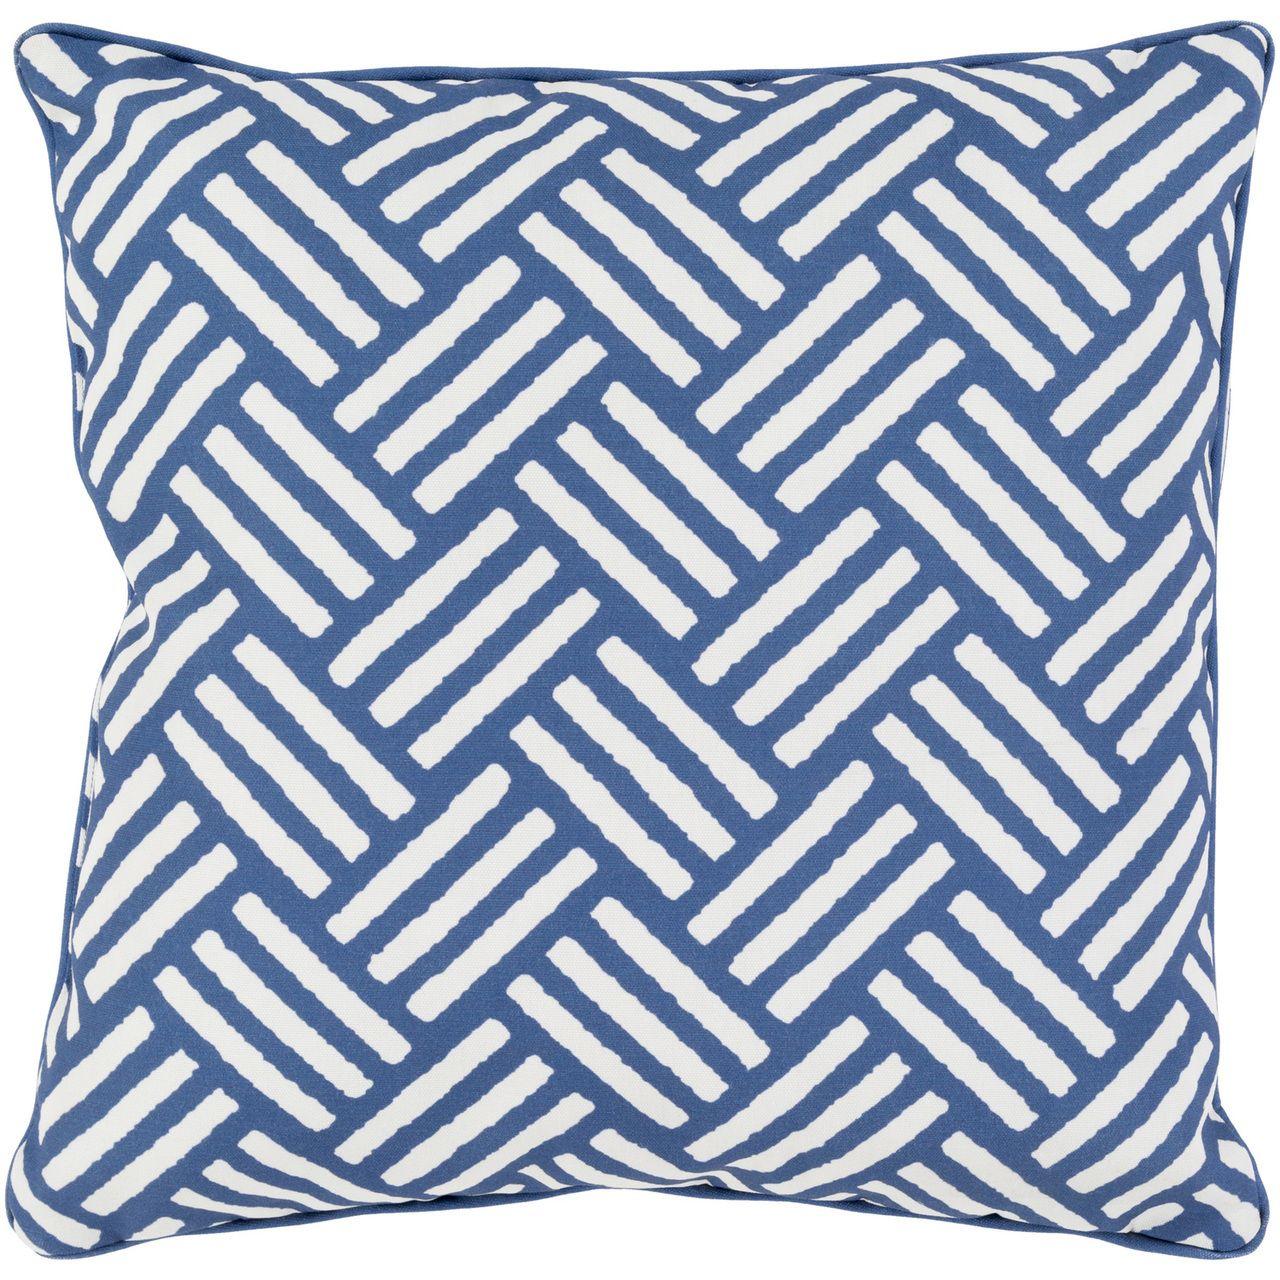 Basketweave Pillow - Cobalt Blue